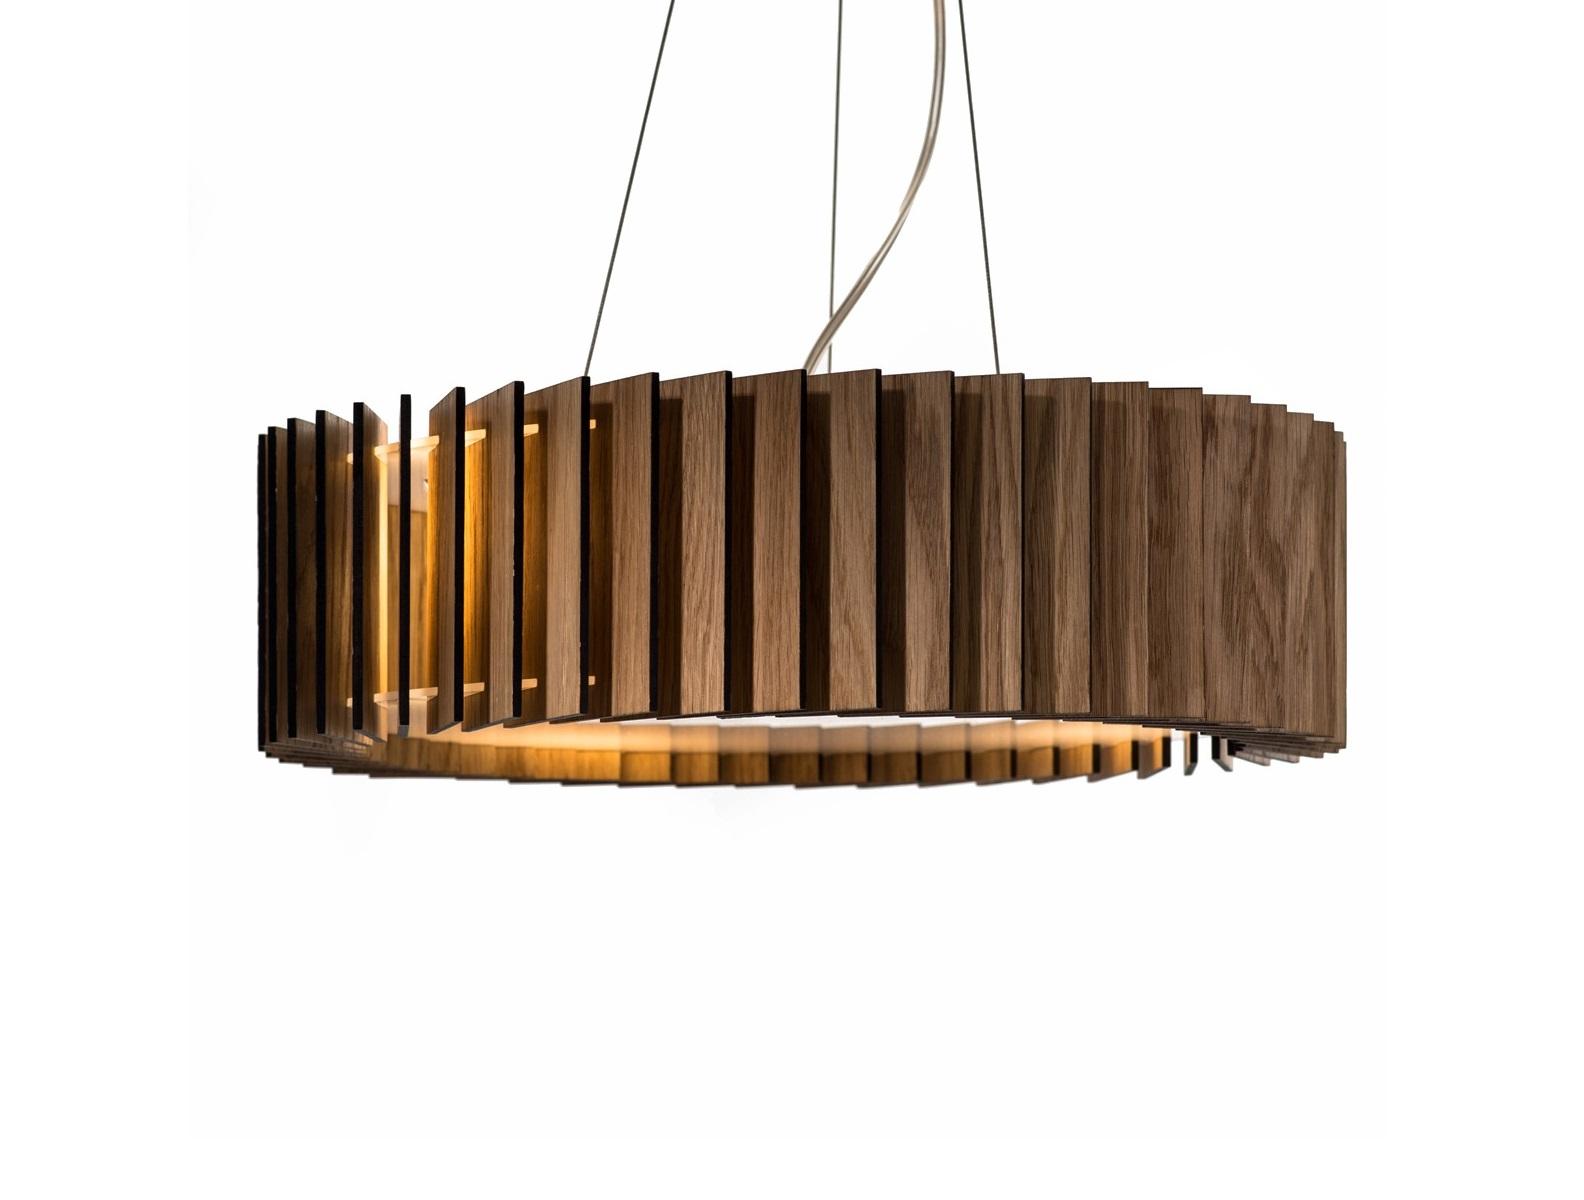 Светильник РоторПодвесные светильники<br>Ротор представляют собой светильник, основание которого изготовлено из акрилового матового стекла, деревянные пластины выполнены из шпона дуба и покрыты защитными маслами и воском. Светильник оснащён 4 патронами для светодиодных лампочек, что обеспечит яркий поток света для всего помещения.&amp;amp;nbsp;&amp;lt;div&amp;gt;&amp;lt;br&amp;gt;&amp;lt;/div&amp;gt;&amp;lt;div&amp;gt;&amp;lt;div&amp;gt;Вид цоколя: E27&amp;lt;/div&amp;gt;&amp;lt;div&amp;gt;Мощность: &amp;amp;nbsp;9W&amp;amp;nbsp;&amp;lt;/div&amp;gt;&amp;lt;div&amp;gt;Количество ламп: 4 (нет в комплекте)&amp;lt;/div&amp;gt;&amp;lt;/div&amp;gt;&amp;lt;div&amp;gt;Внимание! Допускается использование только светодиодных или энергосберегающих ламп мощностью не более 9 Вт.&amp;amp;nbsp;&amp;lt;/div&amp;gt;<br><br>Material: Стекло